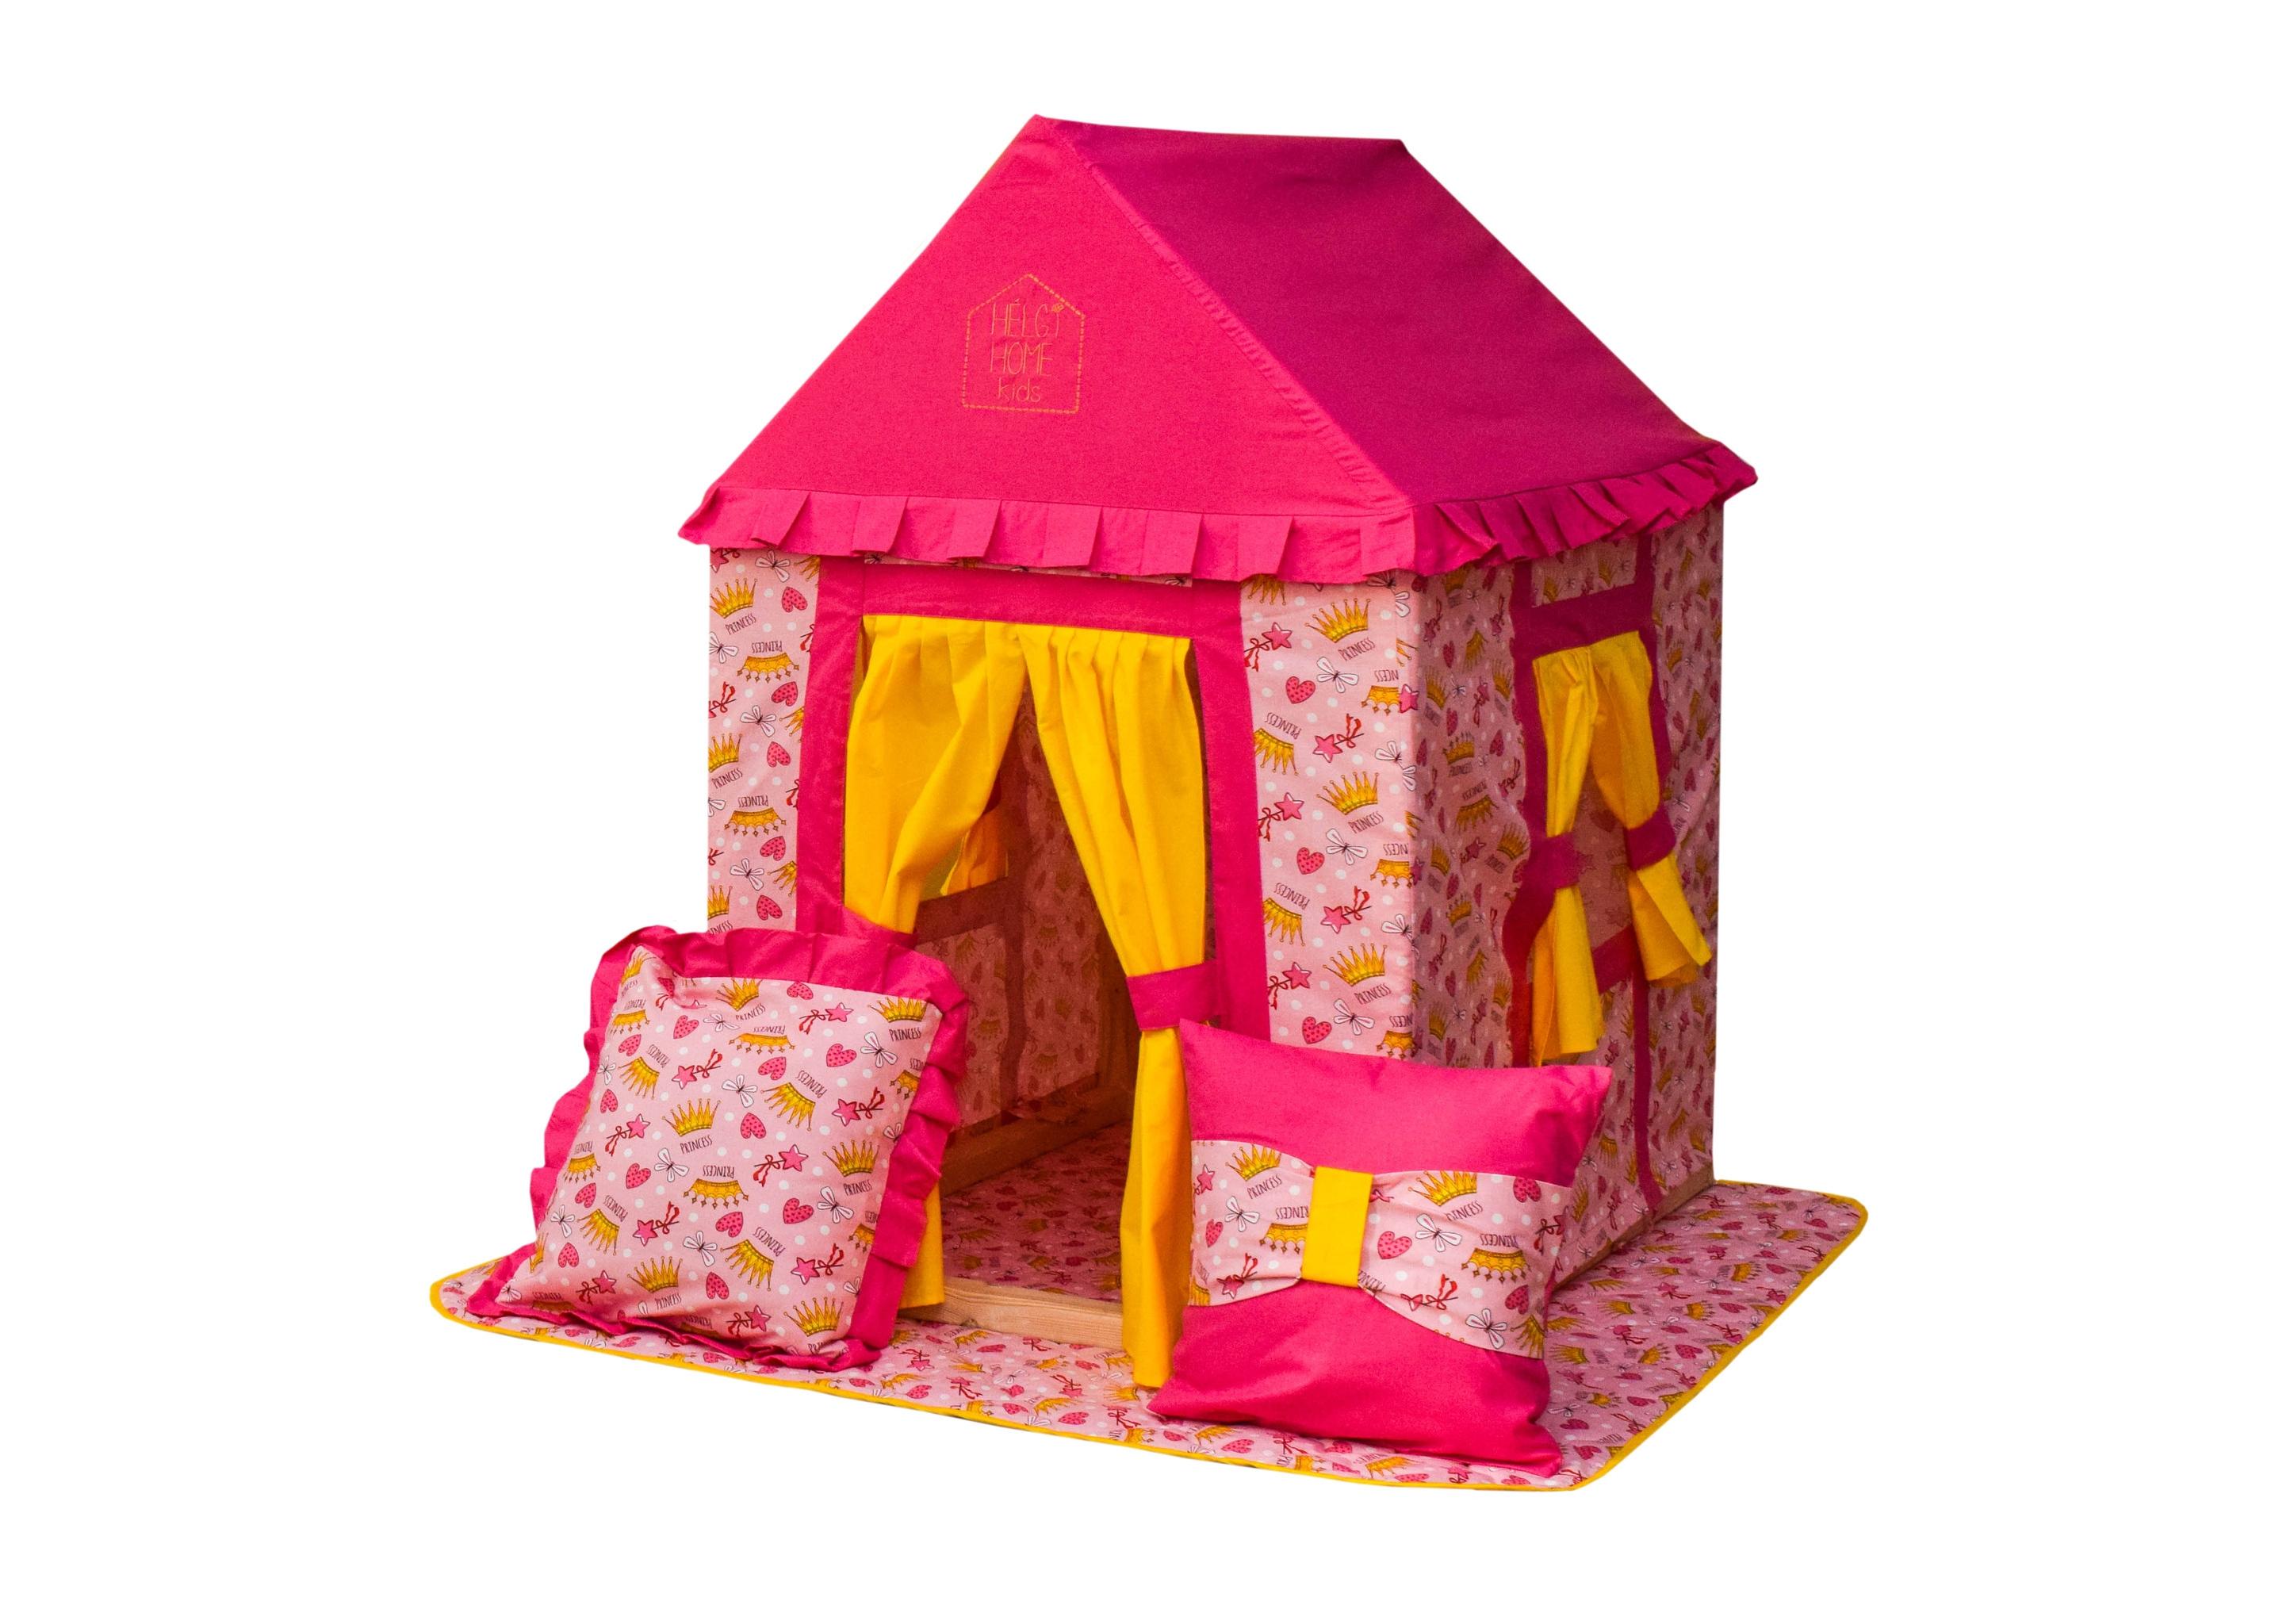 Игровой домик Маленькая принцессаДетские домики<br>Окружить маленькую принцессу роскошью, доступной только для ее детского понимания вам поможет домик от Helgi Home. Для нее он станет настоящим замком, где будущая королева сможет уединиться от бесконечного внимания своих обожателей. Экологически чистые и дышащие материалы, из которых &amp;quot;построена&amp;quot; обитель, позволят сколько угодно времени проводить капризной леди в наиболее комфортной обстановке.&amp;lt;div&amp;gt;&amp;lt;br&amp;gt;&amp;lt;/div&amp;gt;&amp;lt;div&amp;gt;В комплекте идут две красивые подушки с рюшами и стеганый плед.&amp;lt;/div&amp;gt;<br><br>Material: Хлопок<br>Length см: None<br>Width см: 74<br>Depth см: 100<br>Height см: 120<br>Diameter см: None